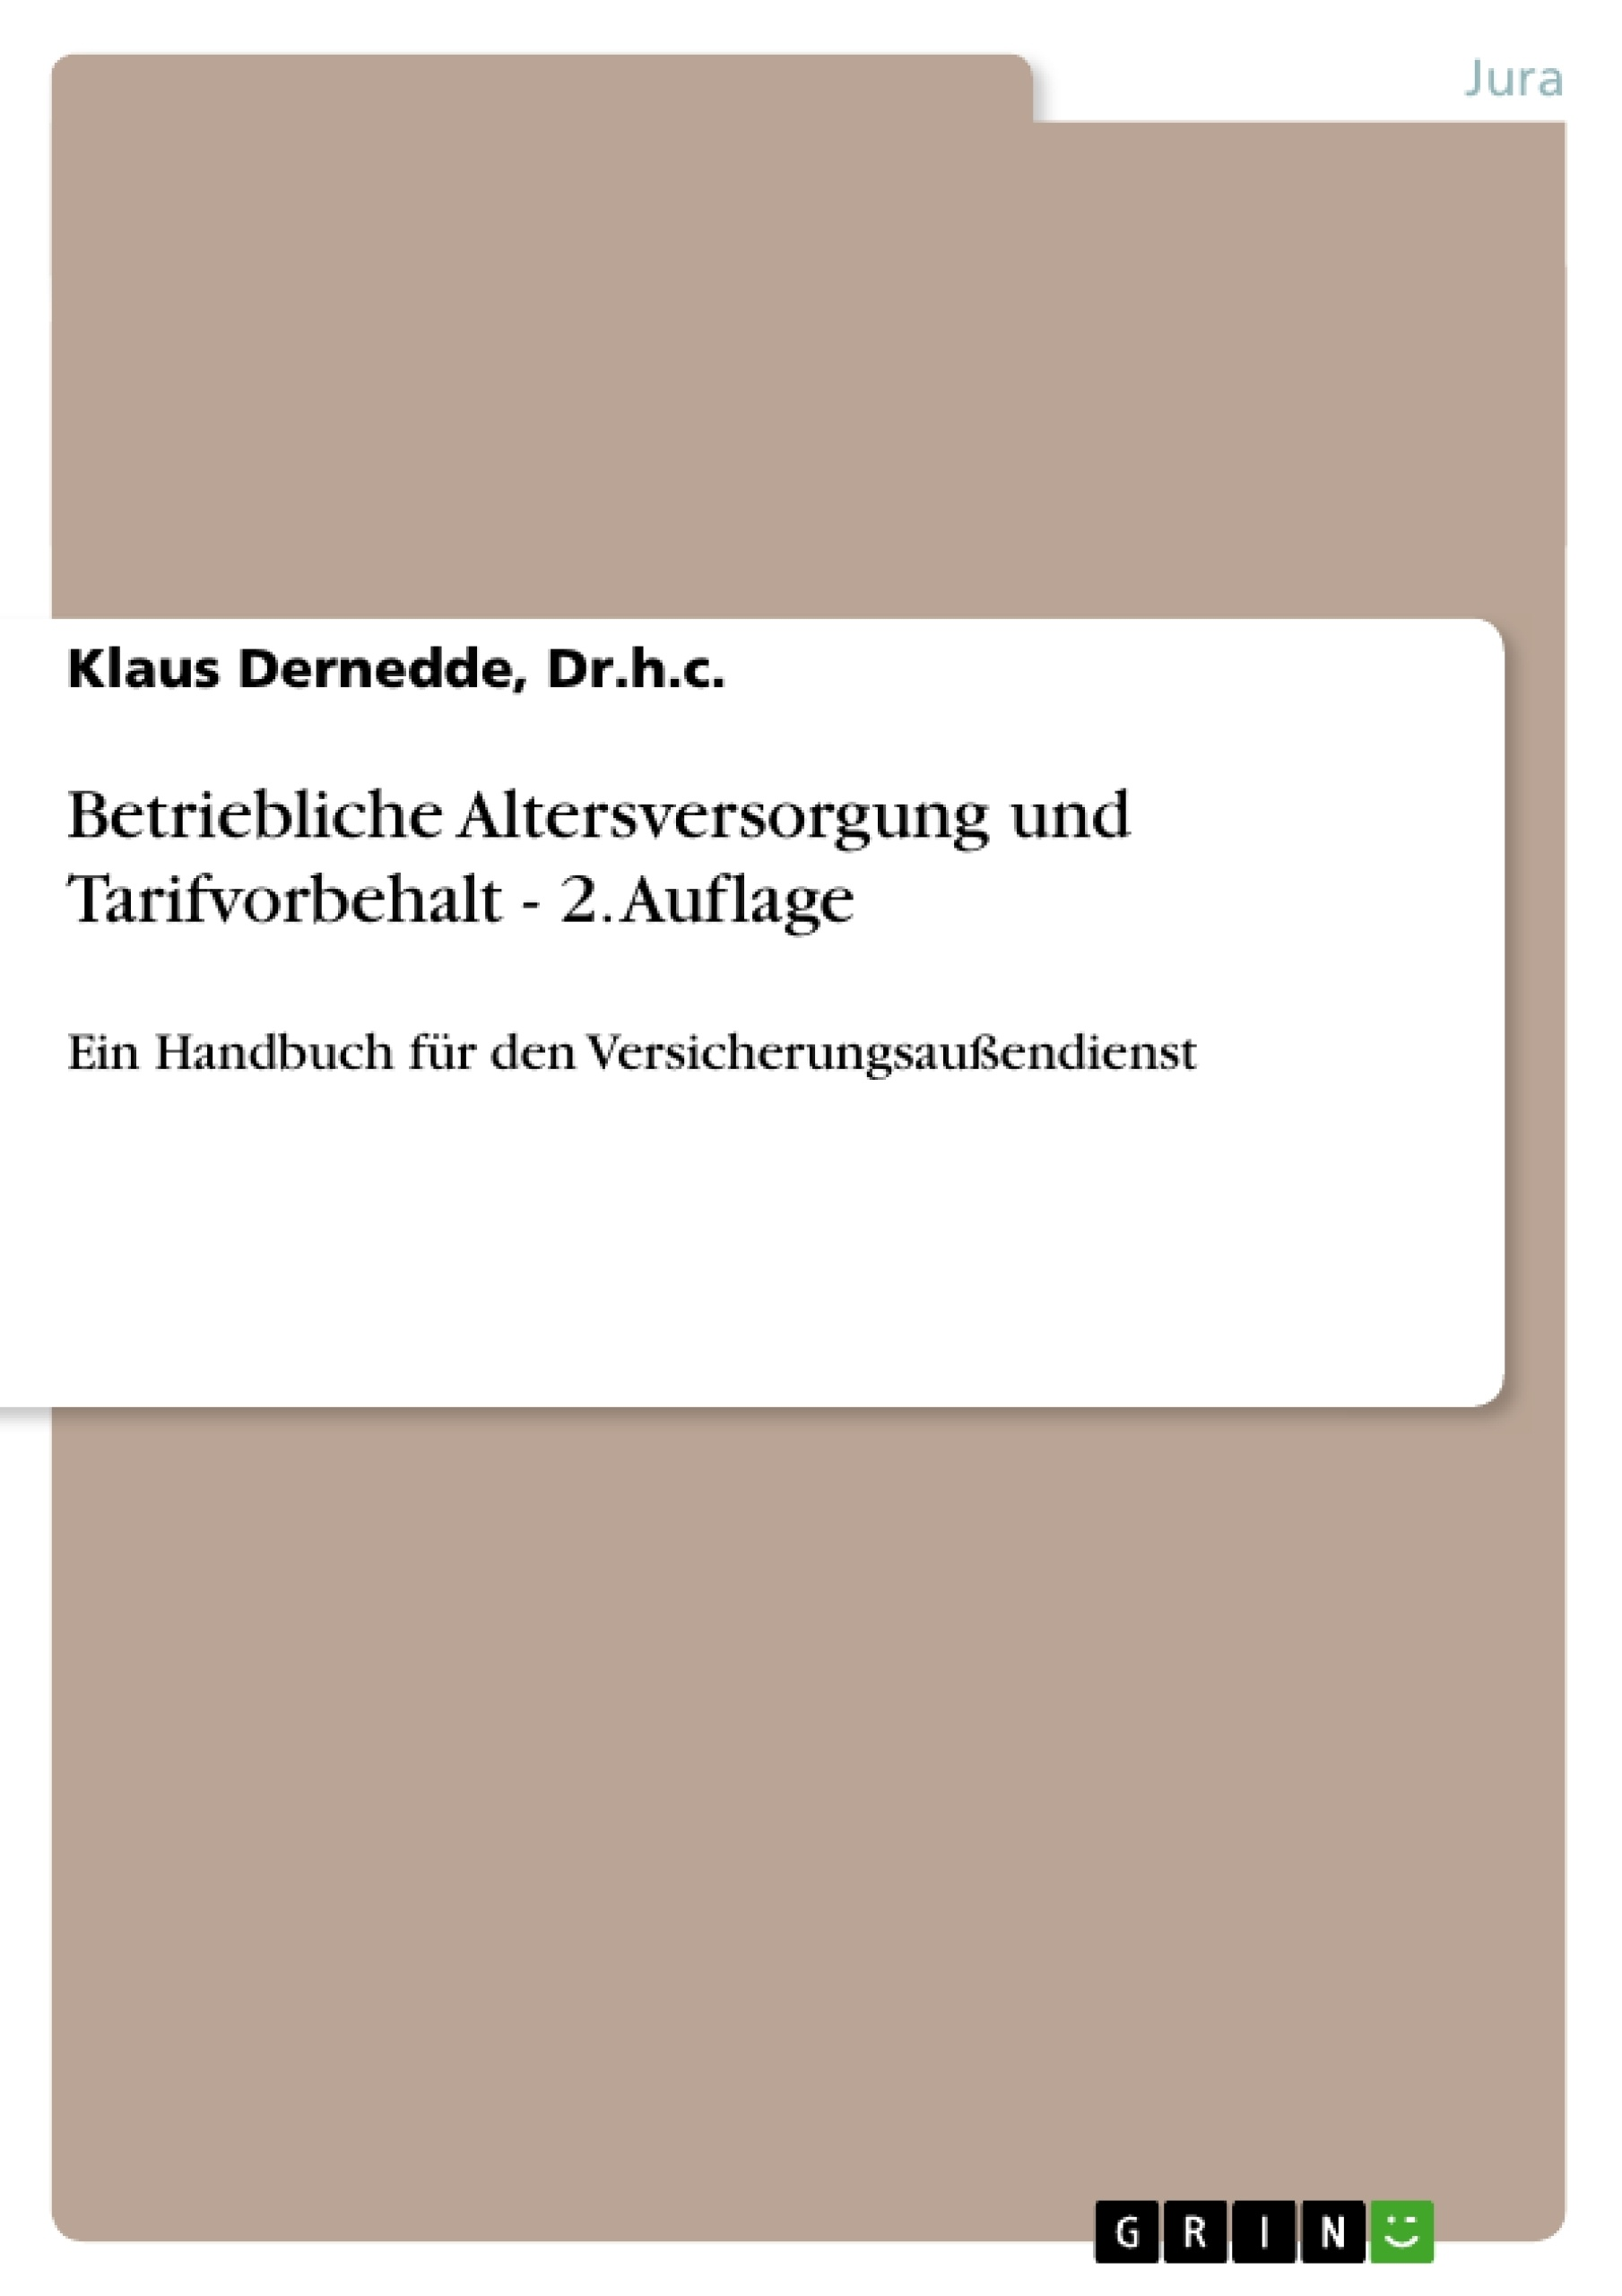 Titel: Betriebliche Altersversorgung und Tarifvorbehalt - 2. Auflage